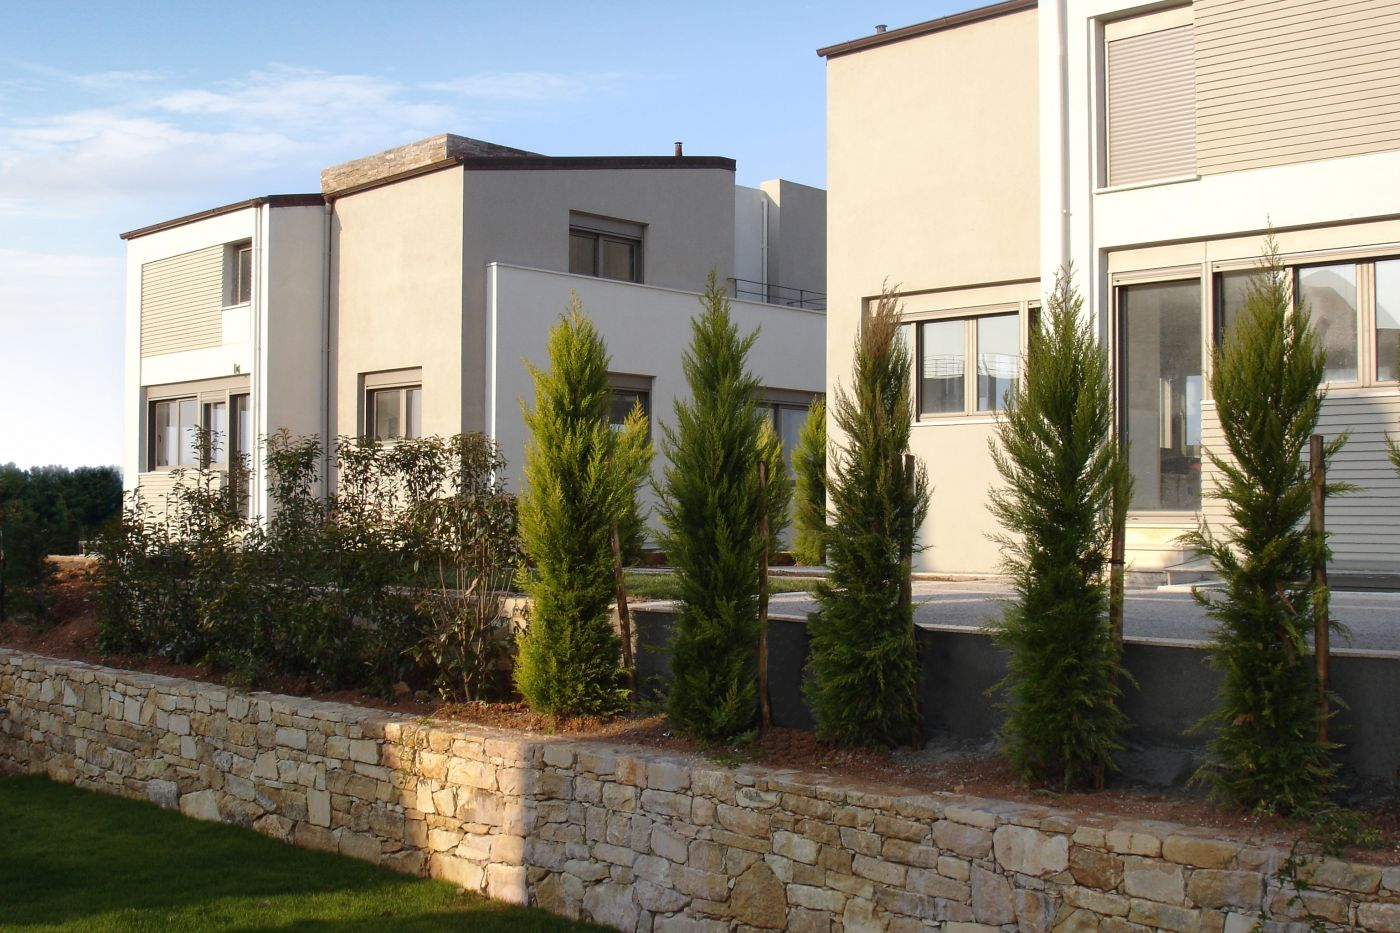 Μονοκατοικία Πανόραμα Θεσσαλονίκη, κατασκευαστική εταιρία, πωλήσεις